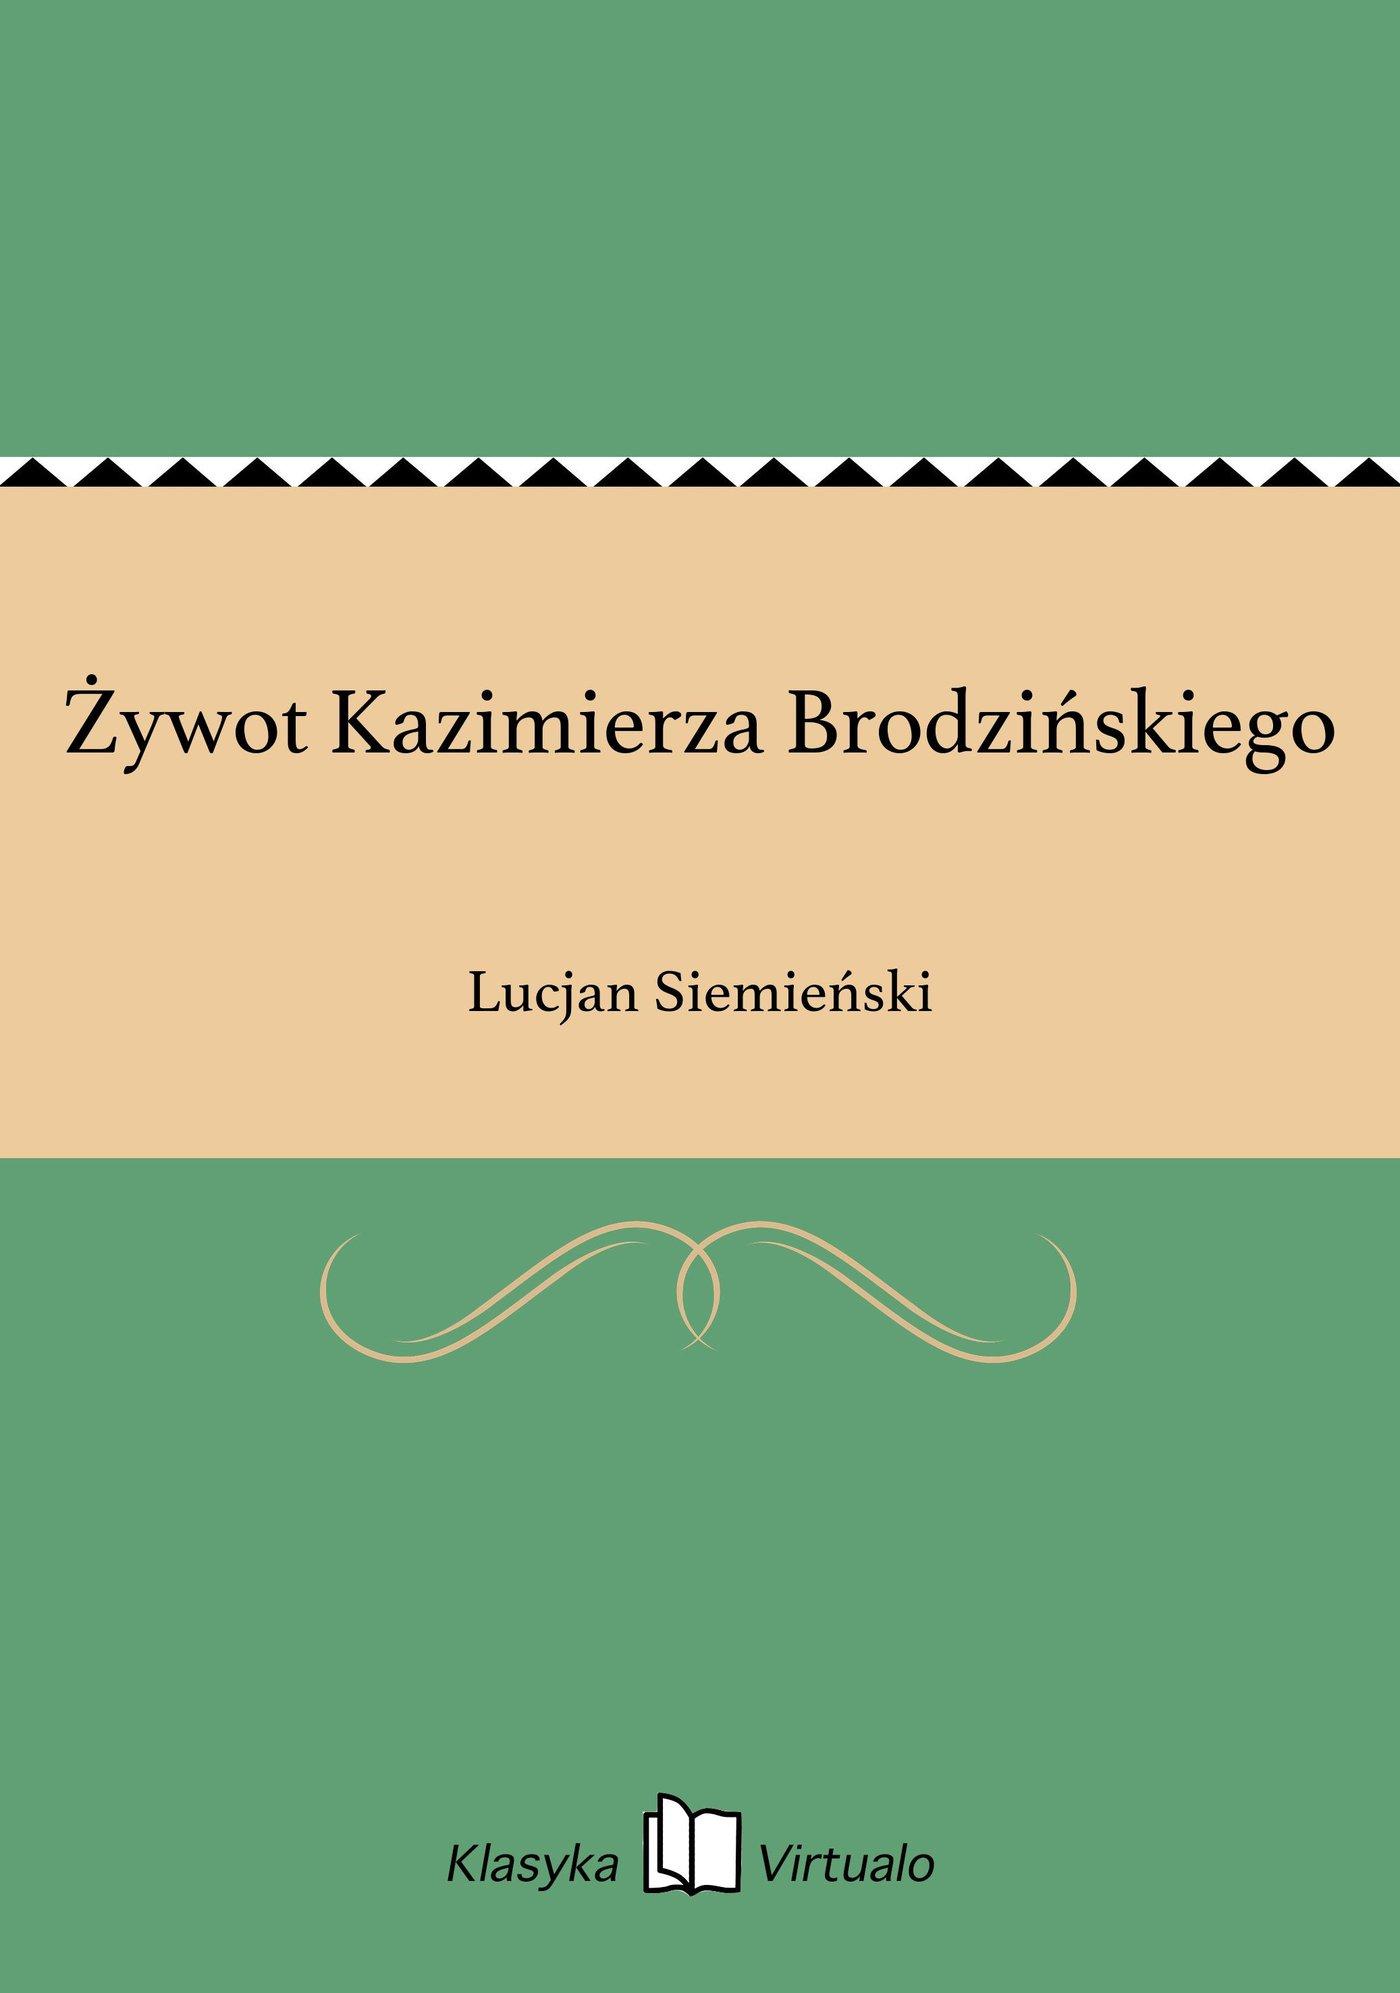 Żywot Kazimierza Brodzińskiego - Ebook (Książka EPUB) do pobrania w formacie EPUB